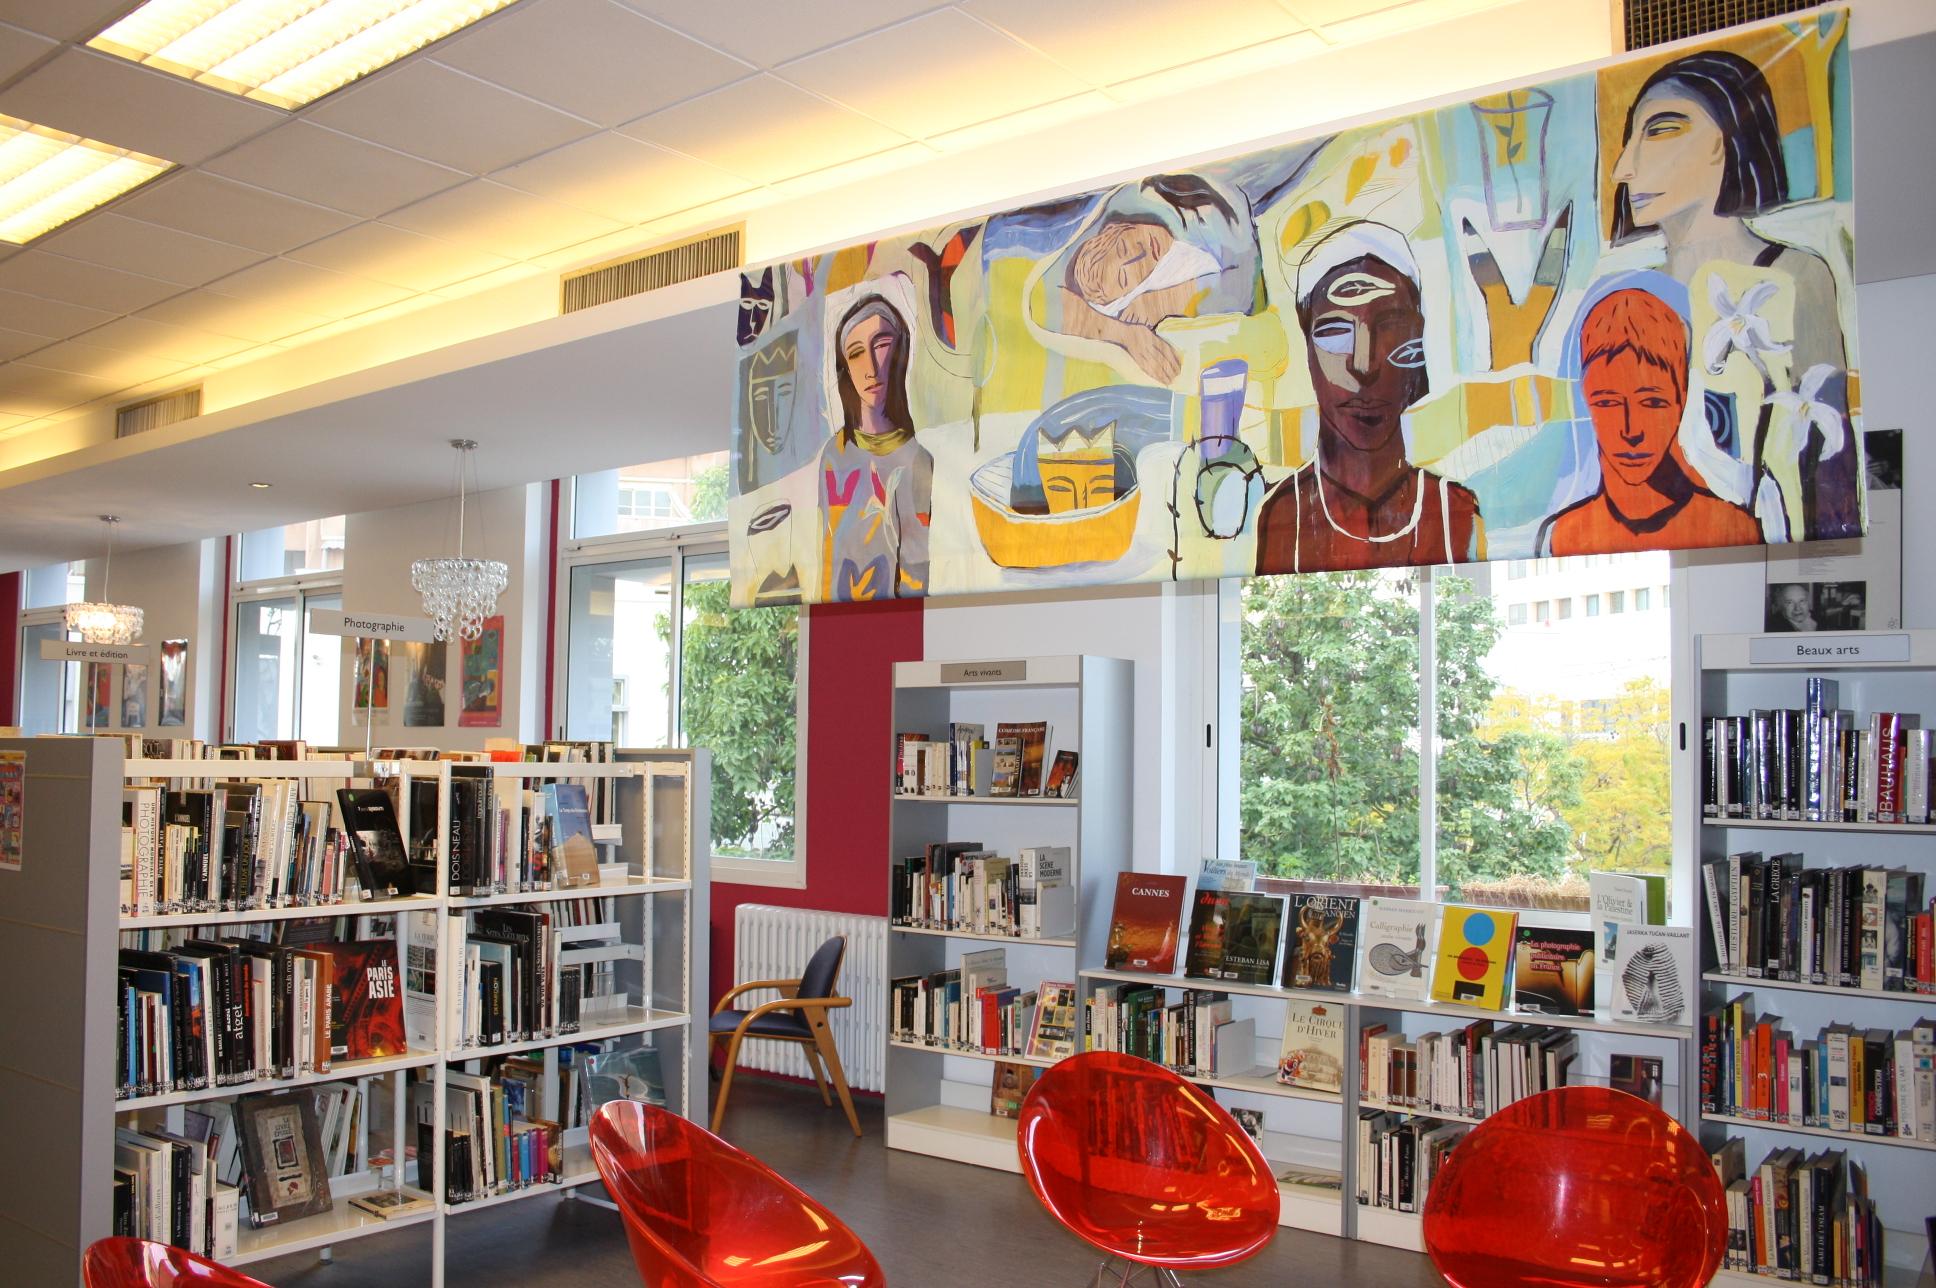 Salon du livre francophone de Beyrouth 31 octobre/9 novembre 2014